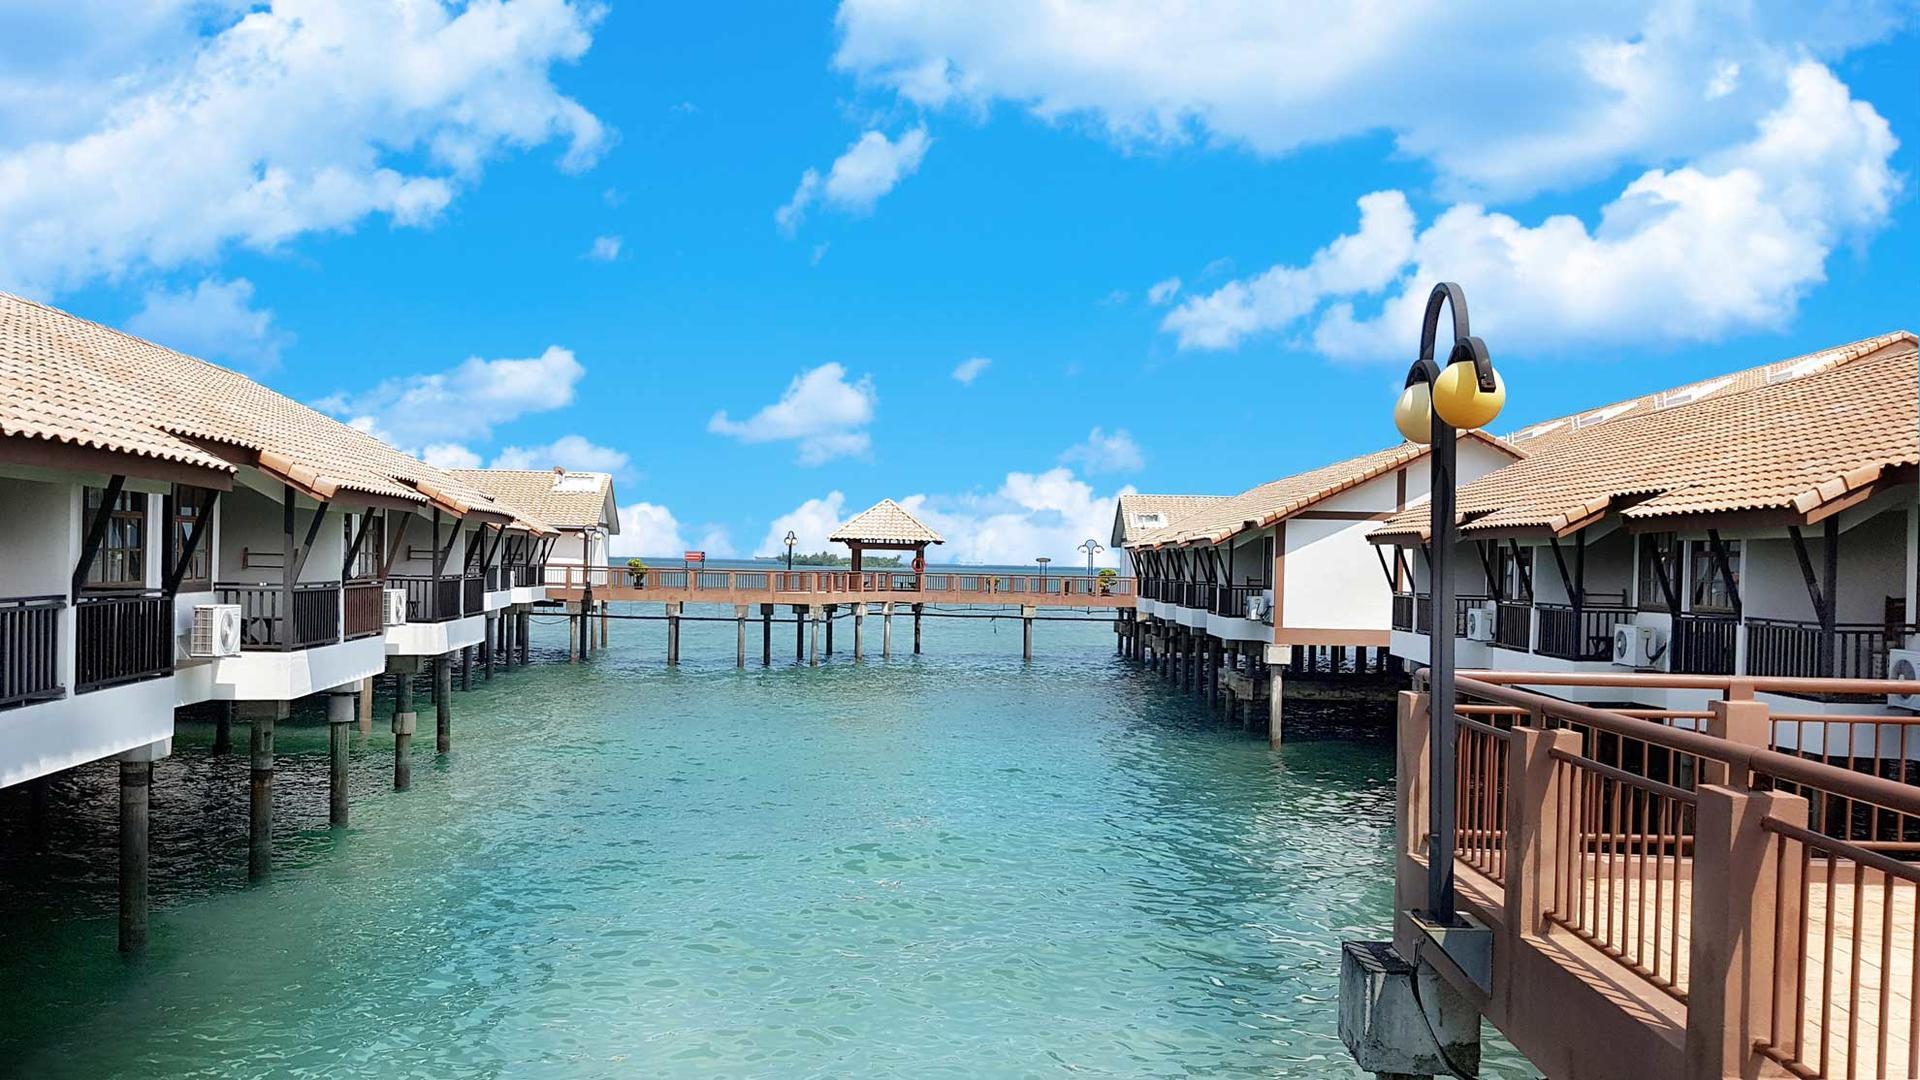 Lexis Port Dickson | Balinese Inspired Port Dickson Beach Resort